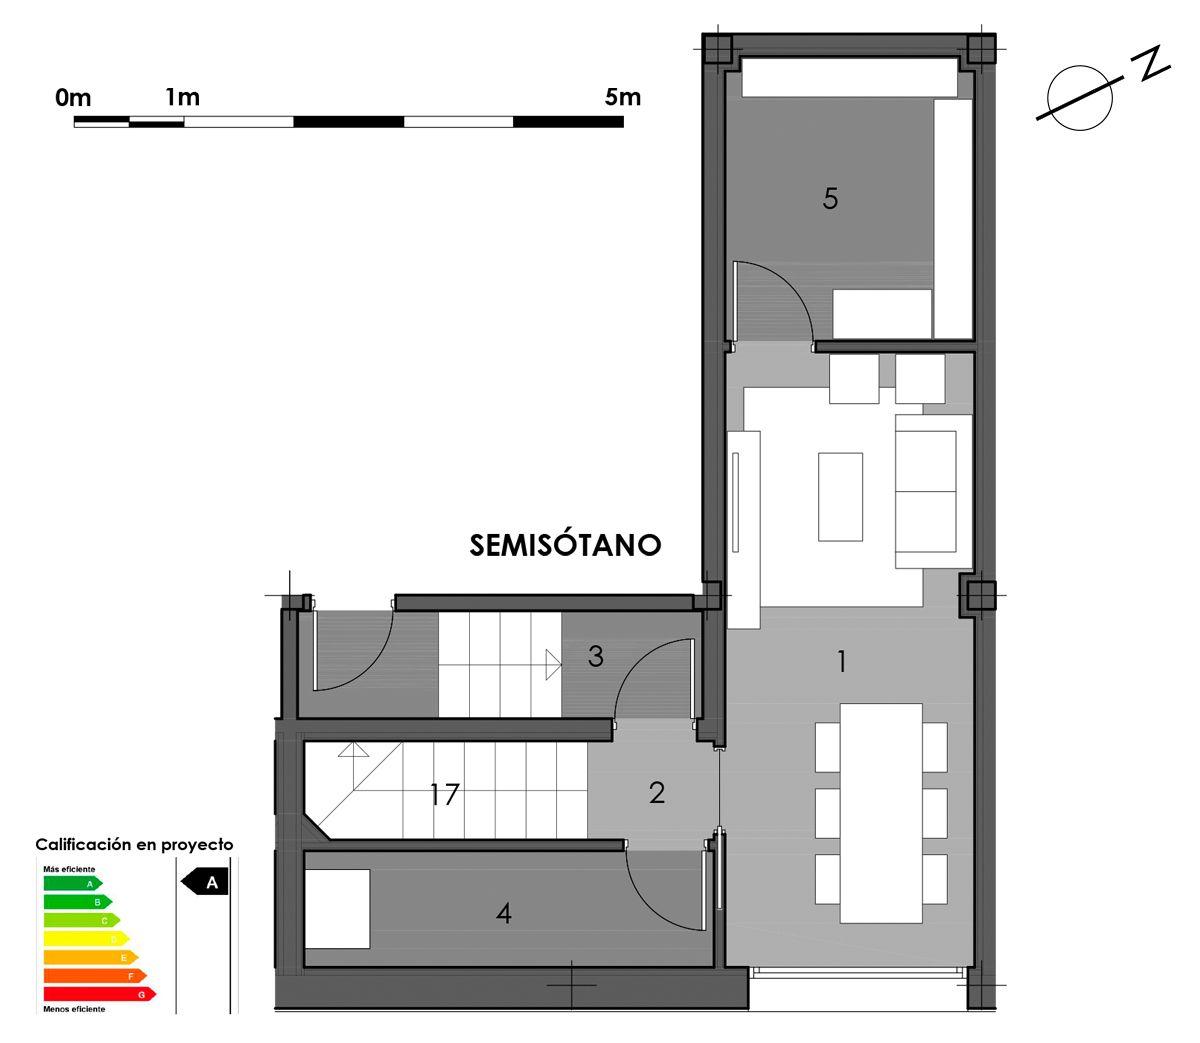 plano semisótano vivienda 7